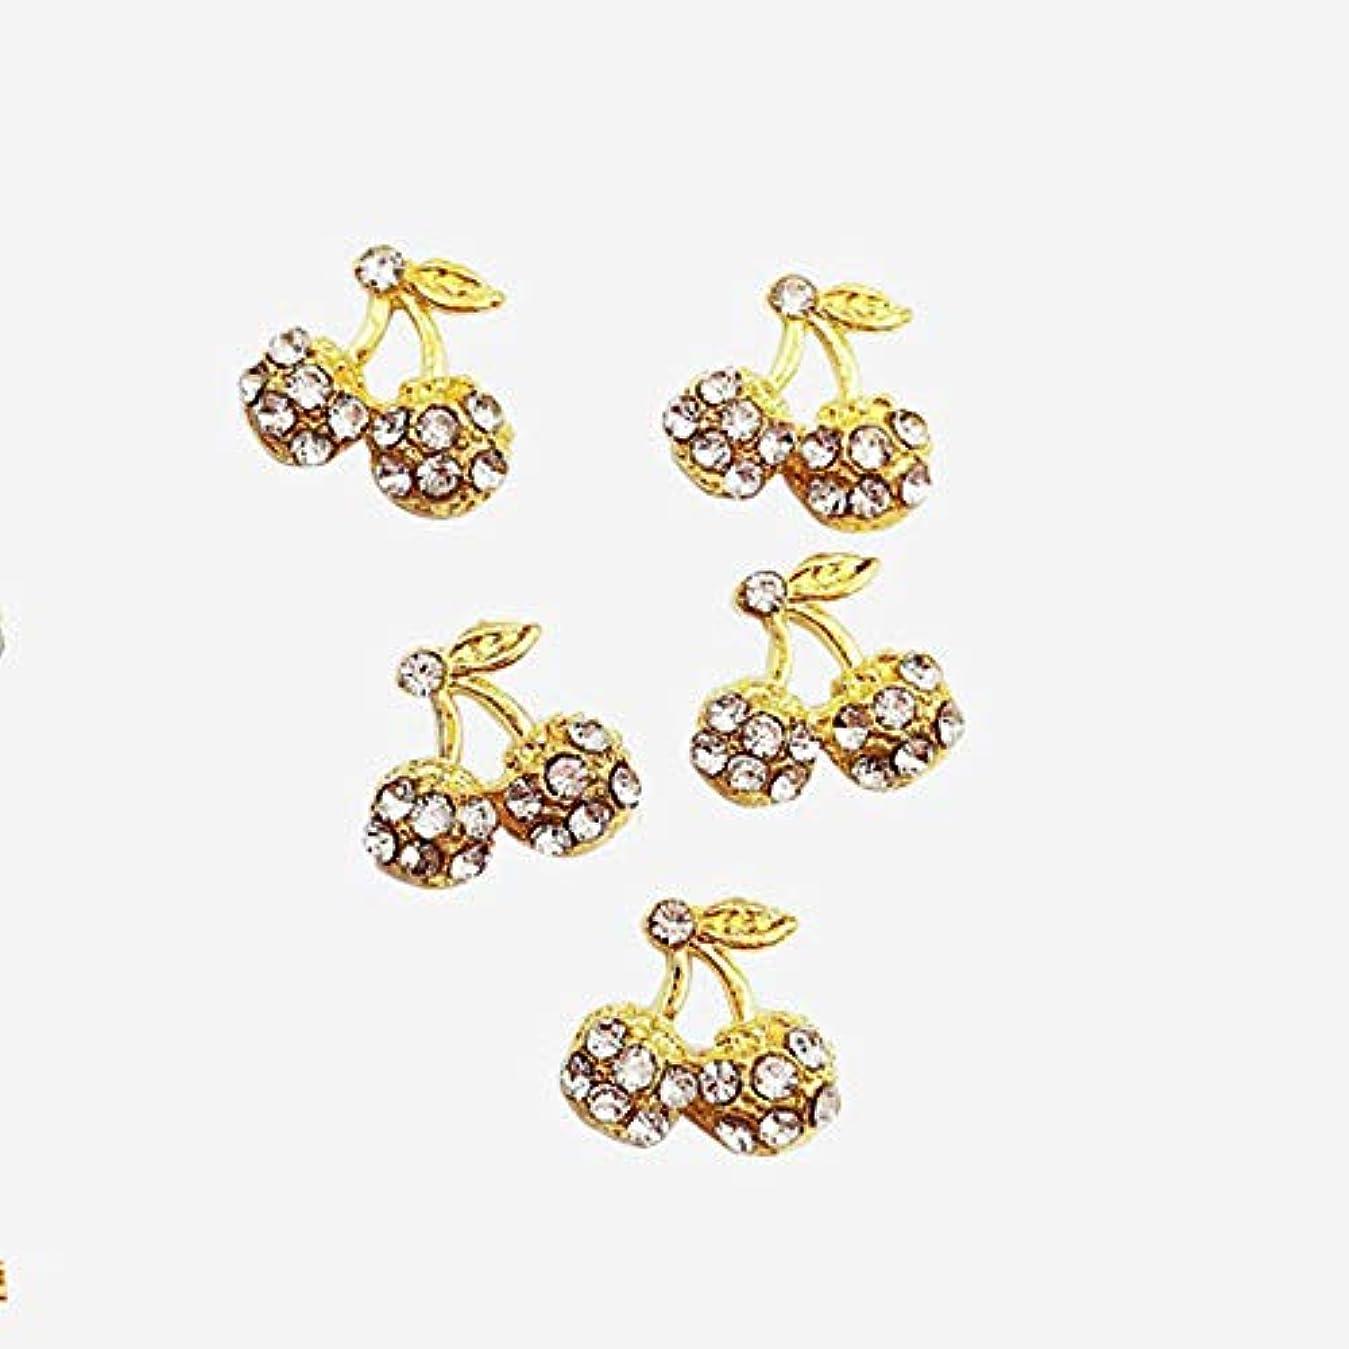 お気に入りぎこちない期待してマニキュアの装飾のための10個入り/袋3Dネイルアートの装飾金属チェリー形状グリッターラインストーンネイルチャームダイヤモンド